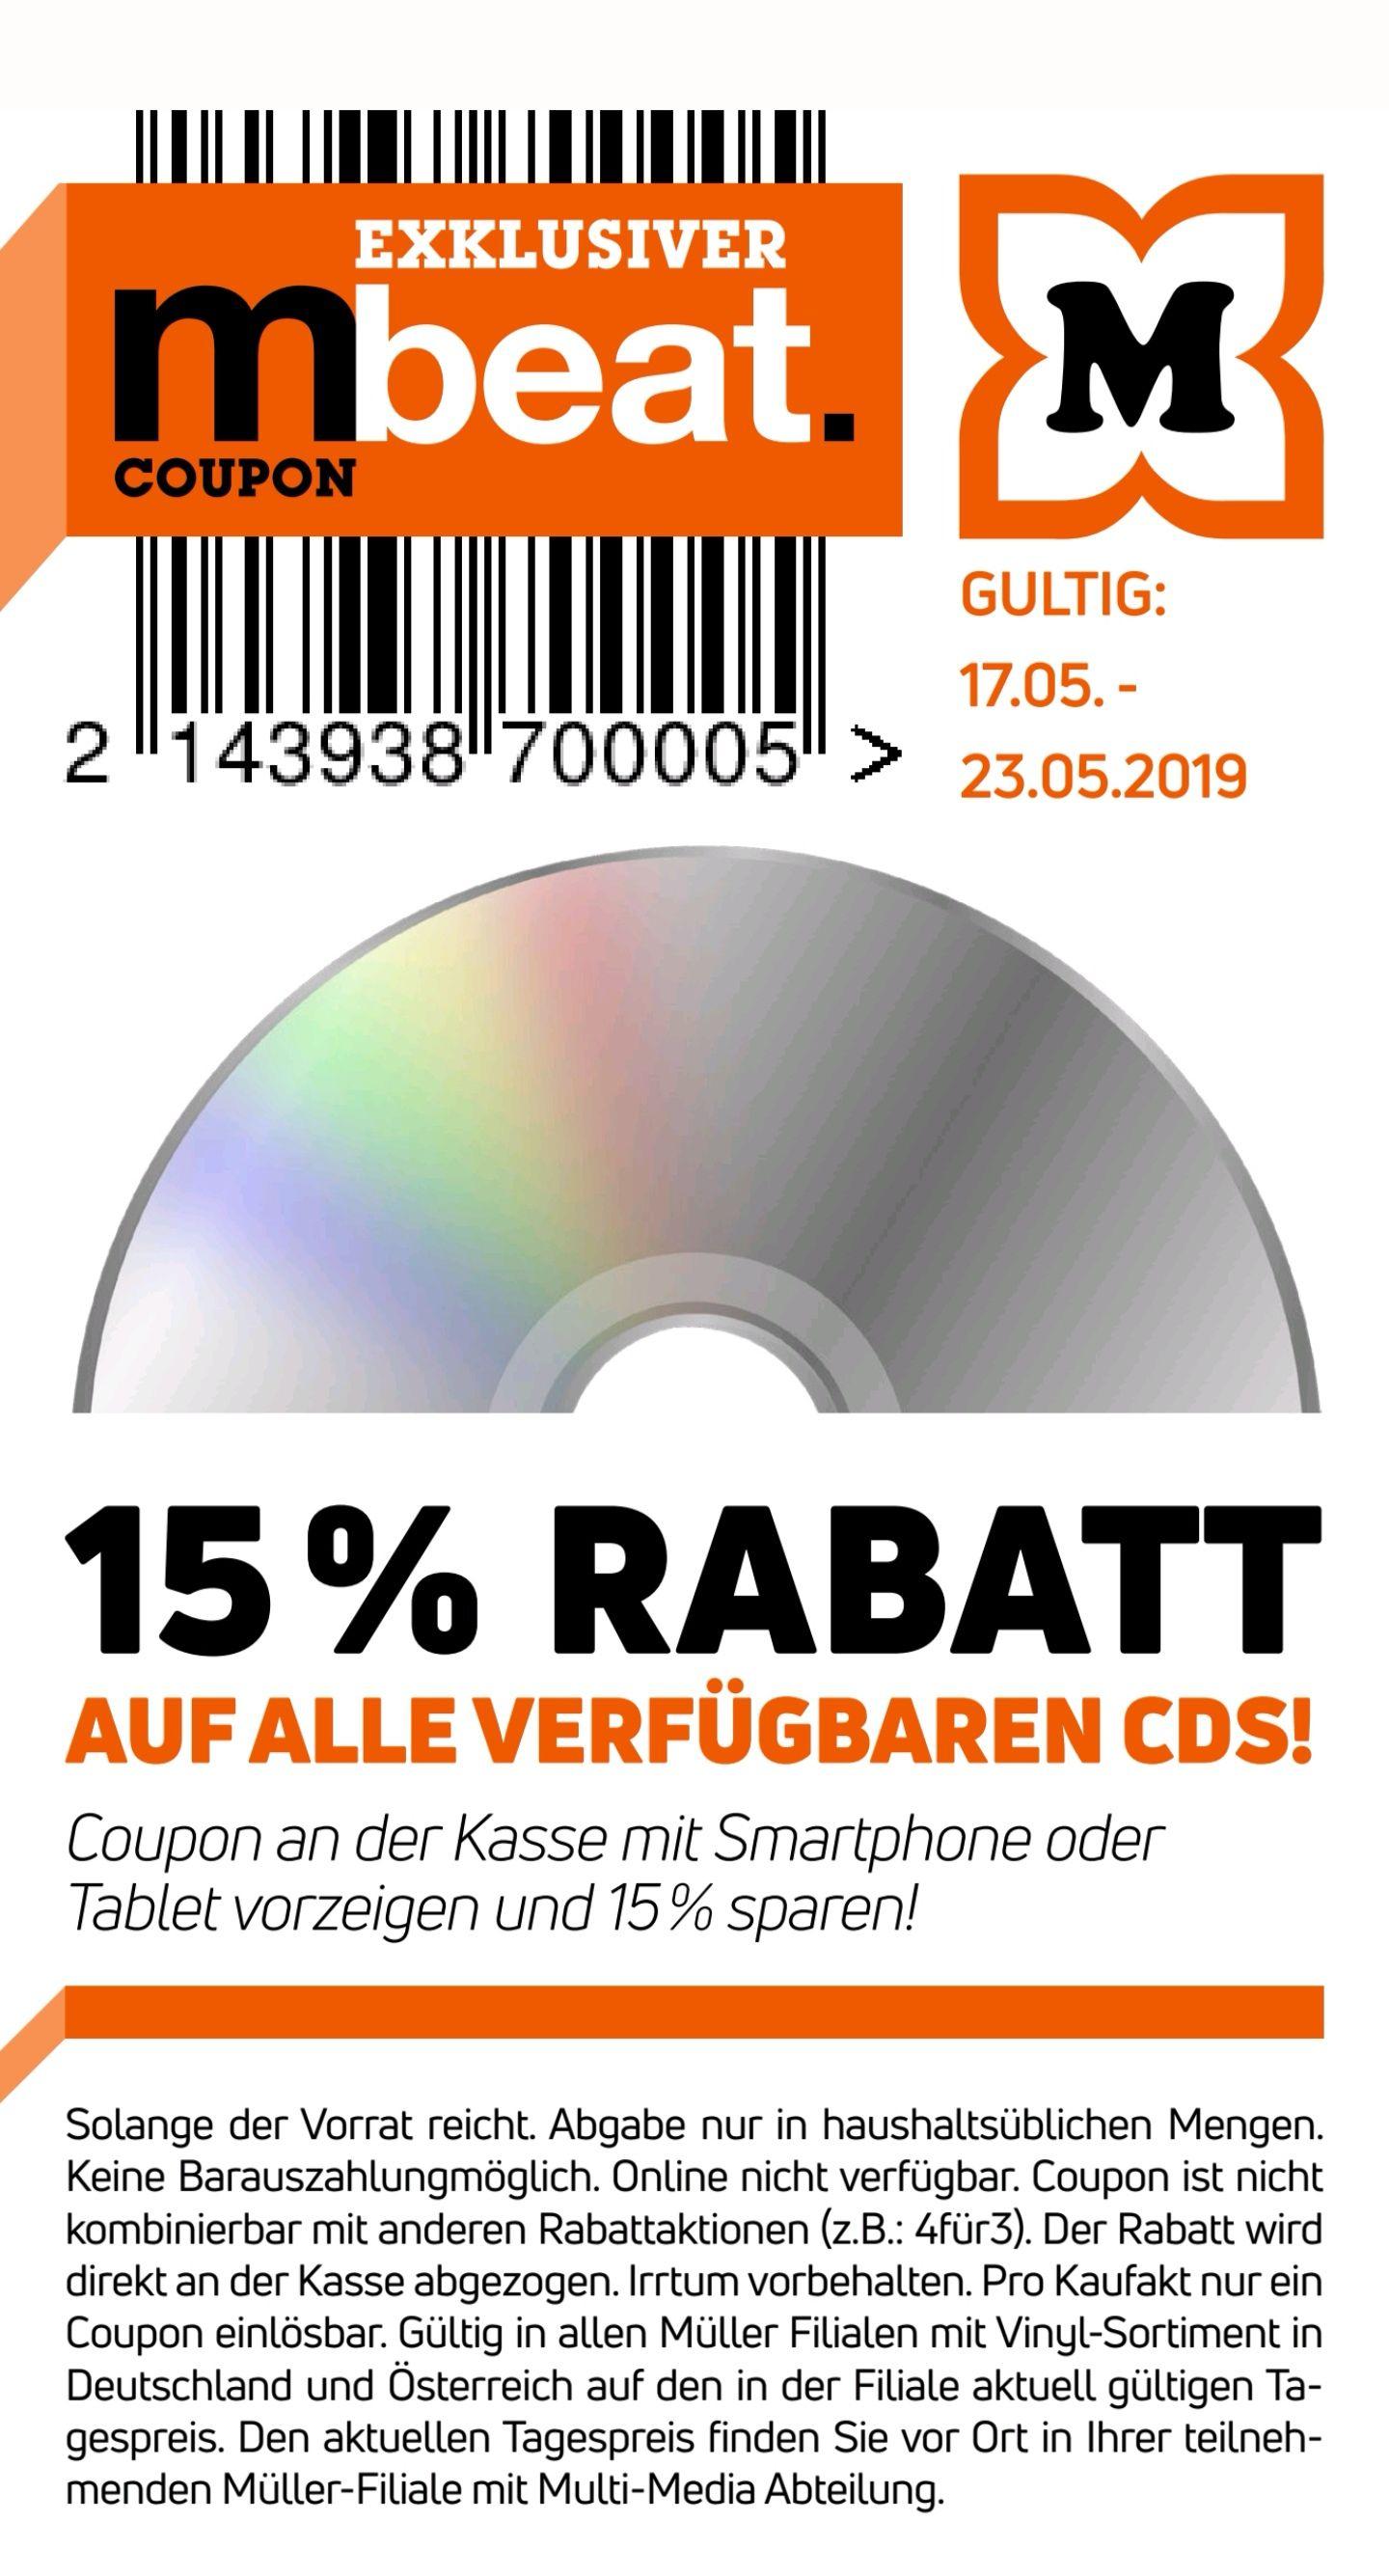 @Müller - 15% auf alle Verfügbaren CDs